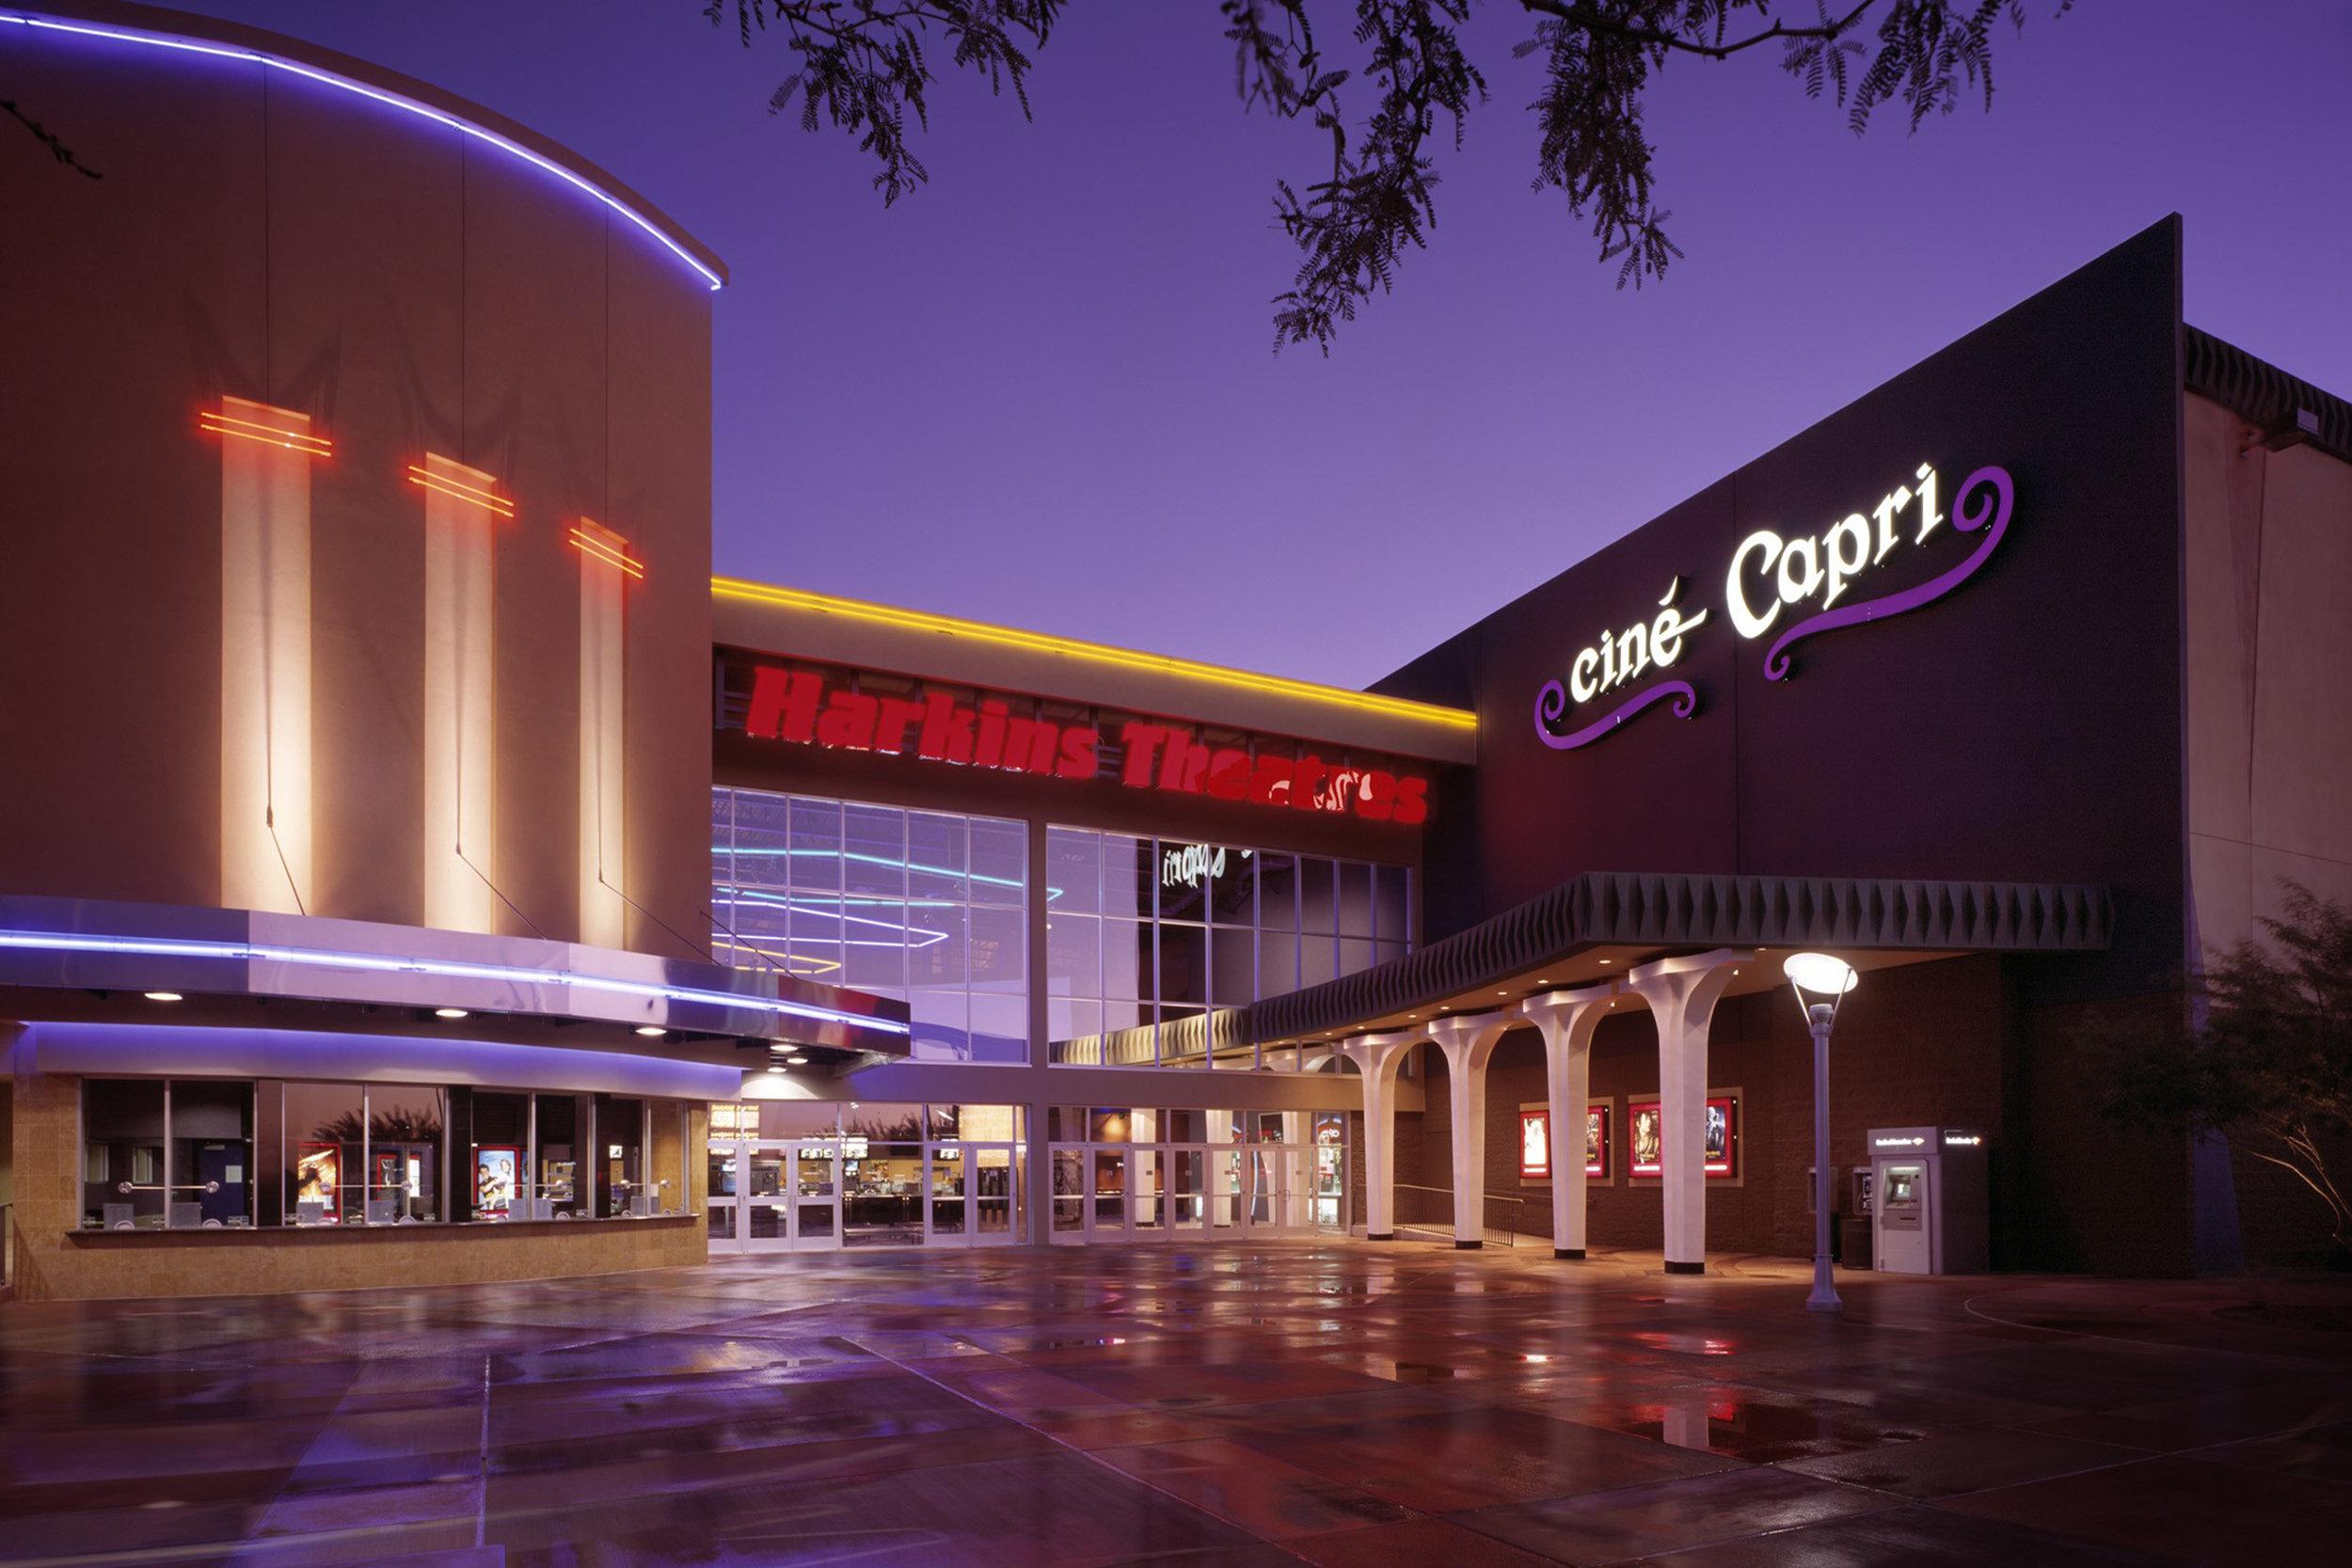 180423 Harkins Theatres.jpg